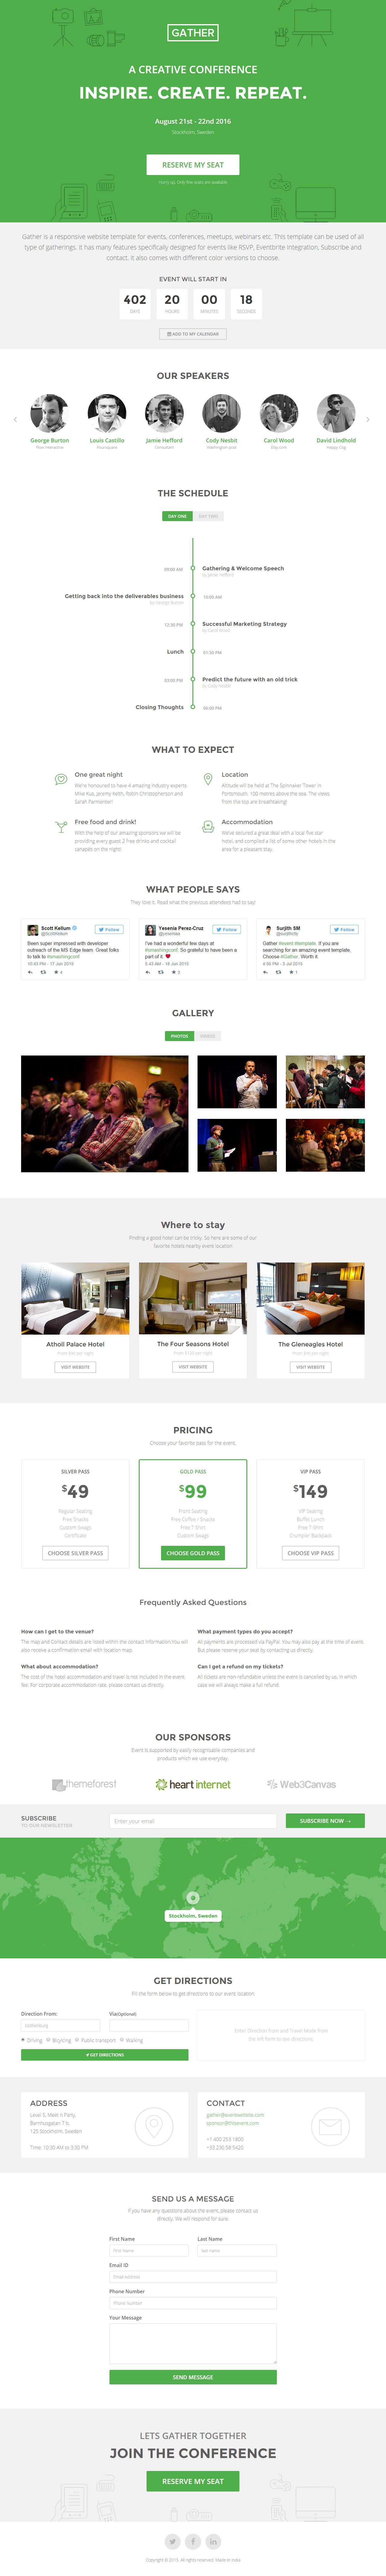 Gather Website Screenshot